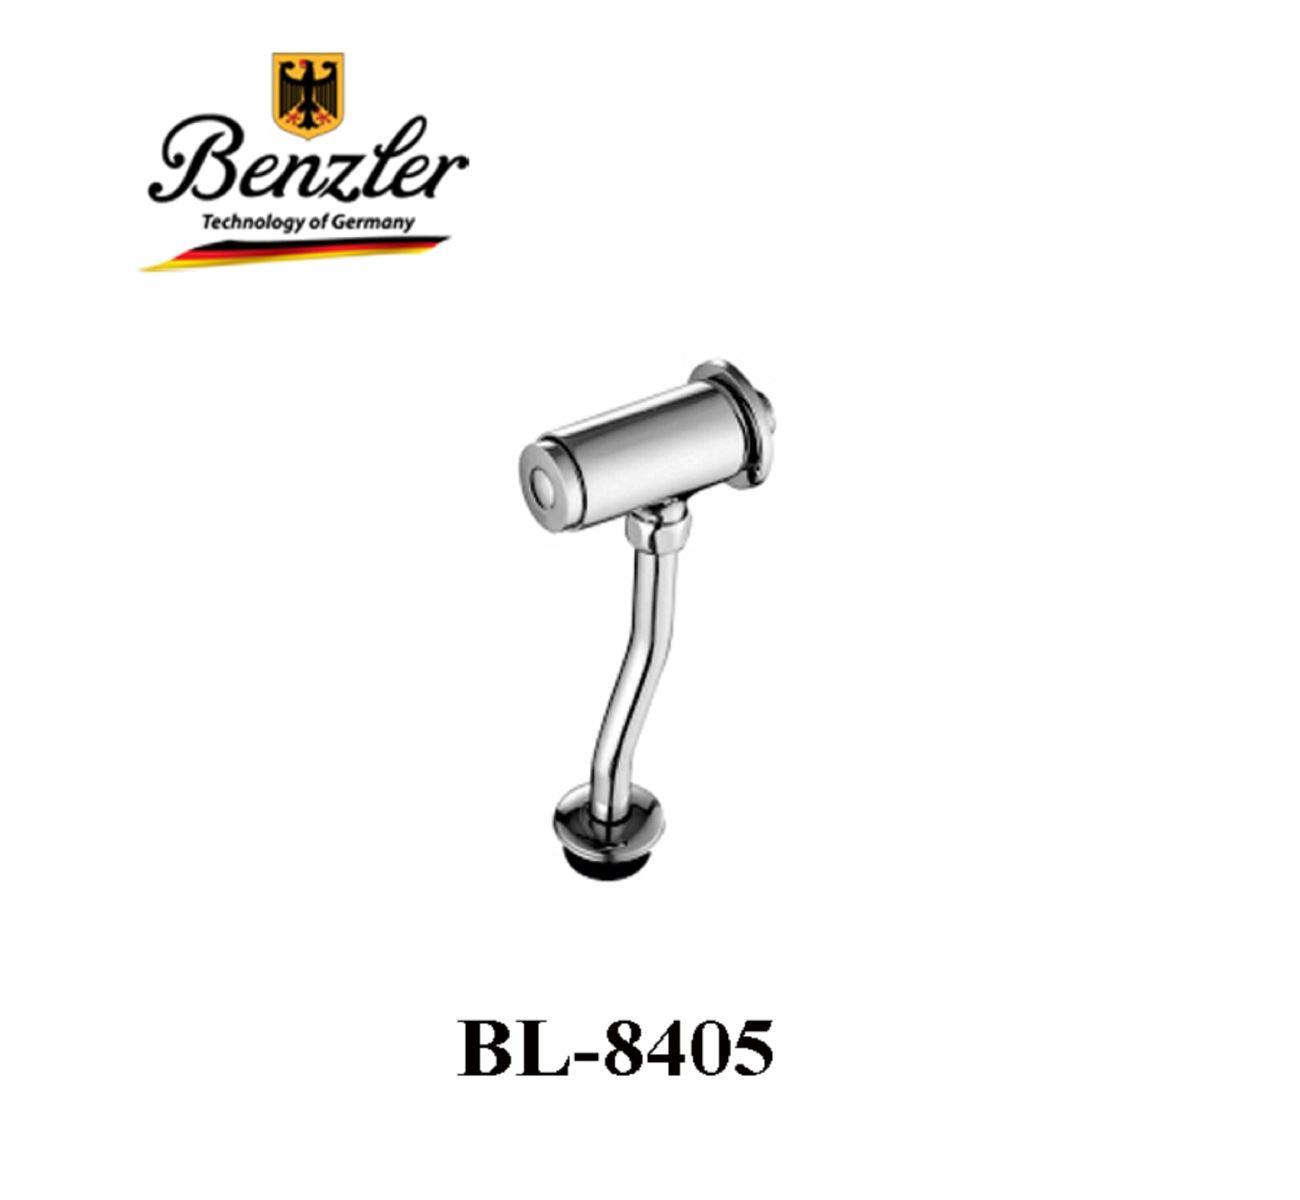 BẤM TIỂU NAM BENZLER BL-8405